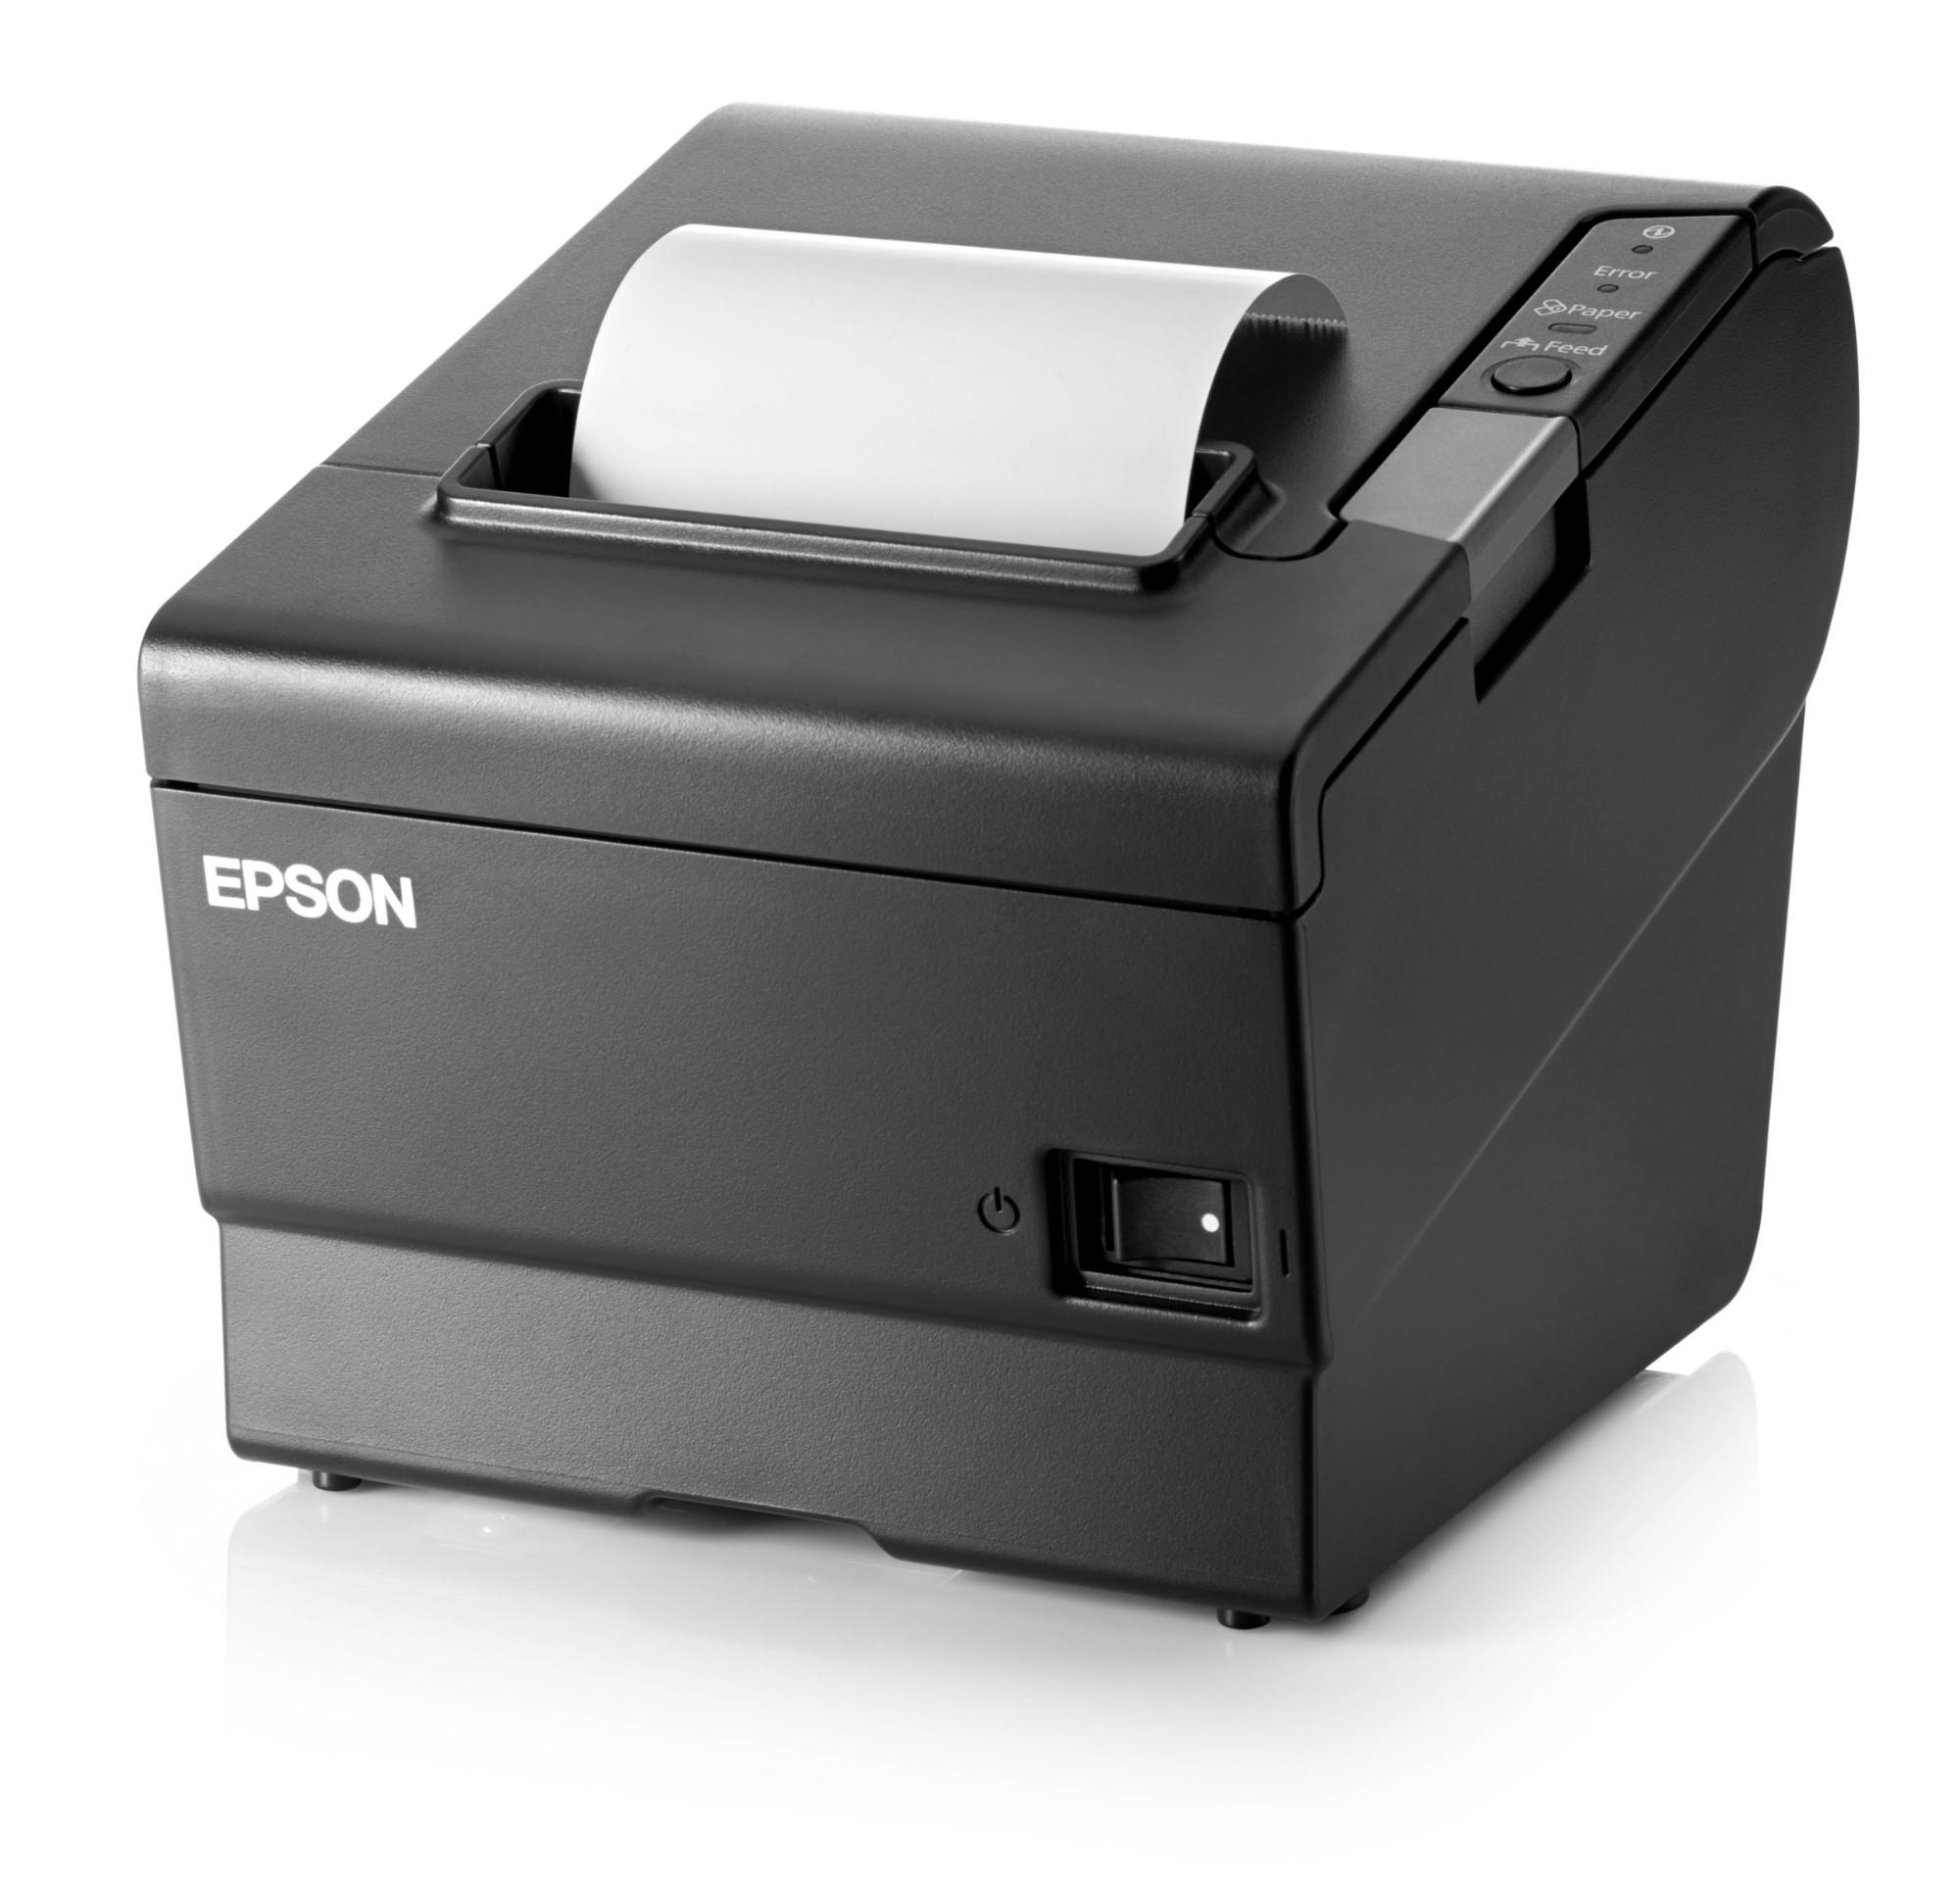 hp epson tm88v serialusb printer servertekcouk